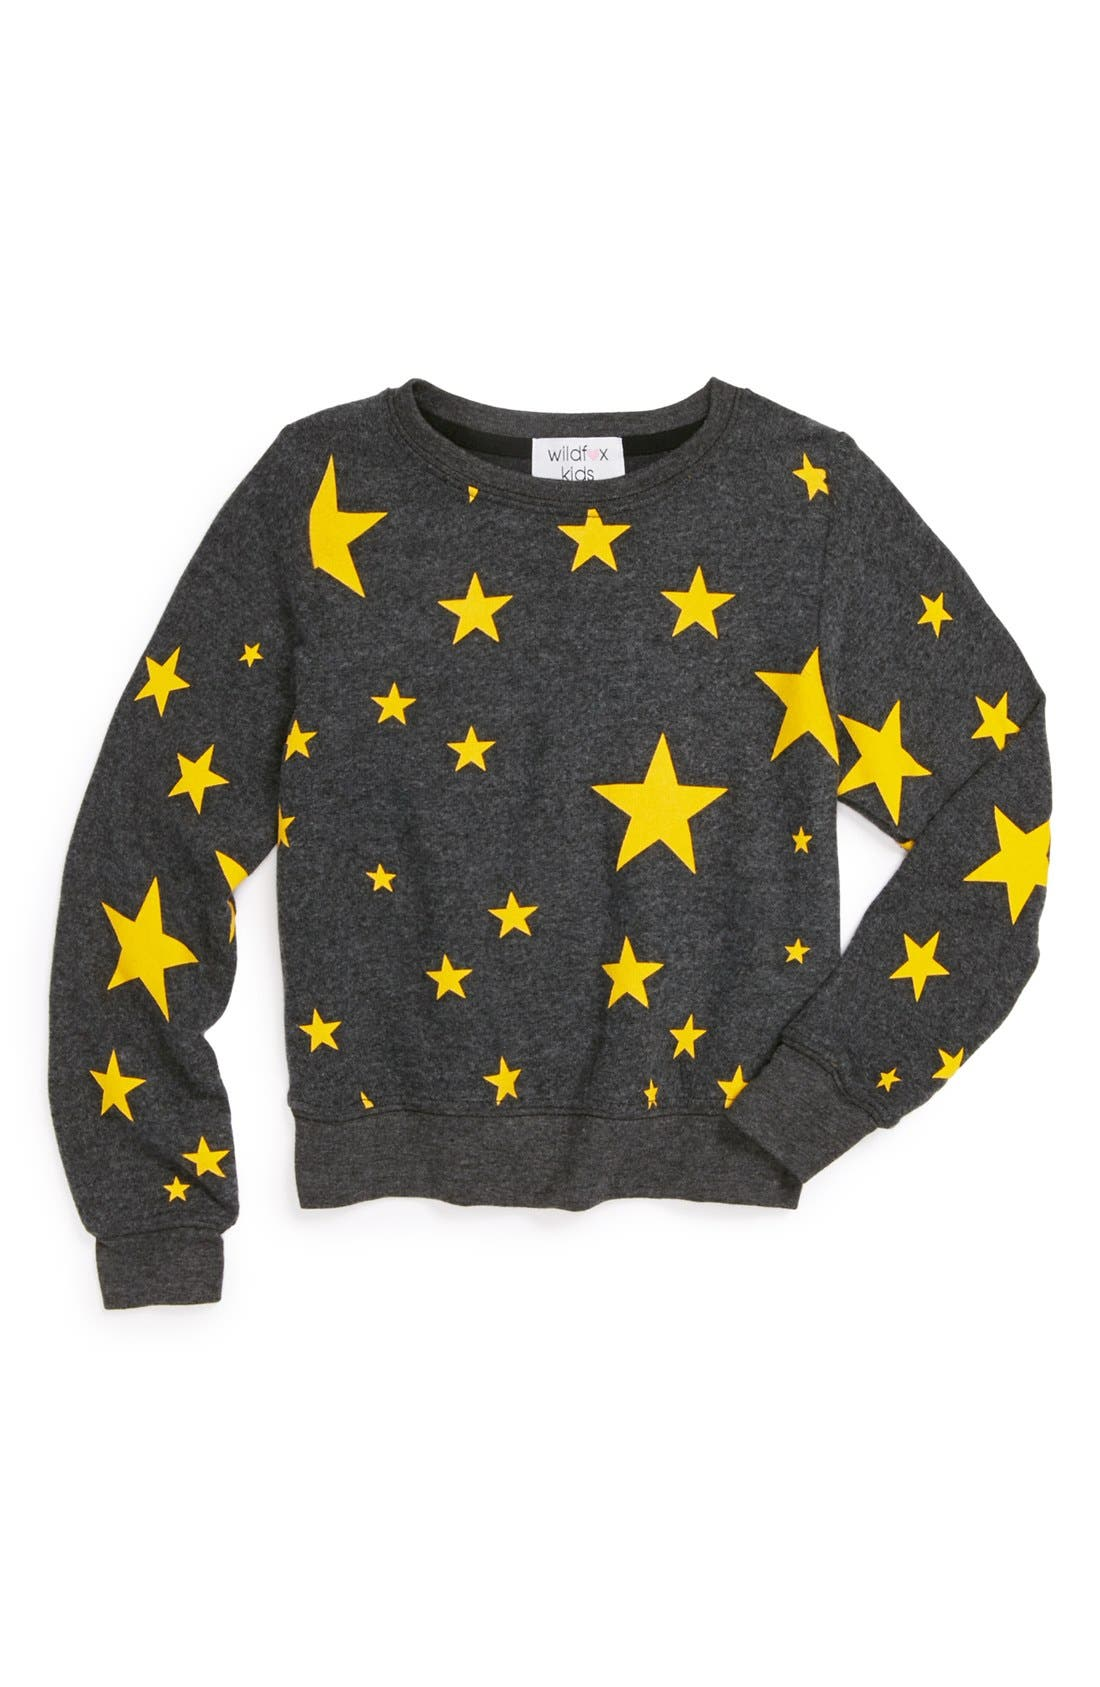 Main Image - Wildfox 'Disco Stars' Sweatshirt (Little Girls & Big Girls)